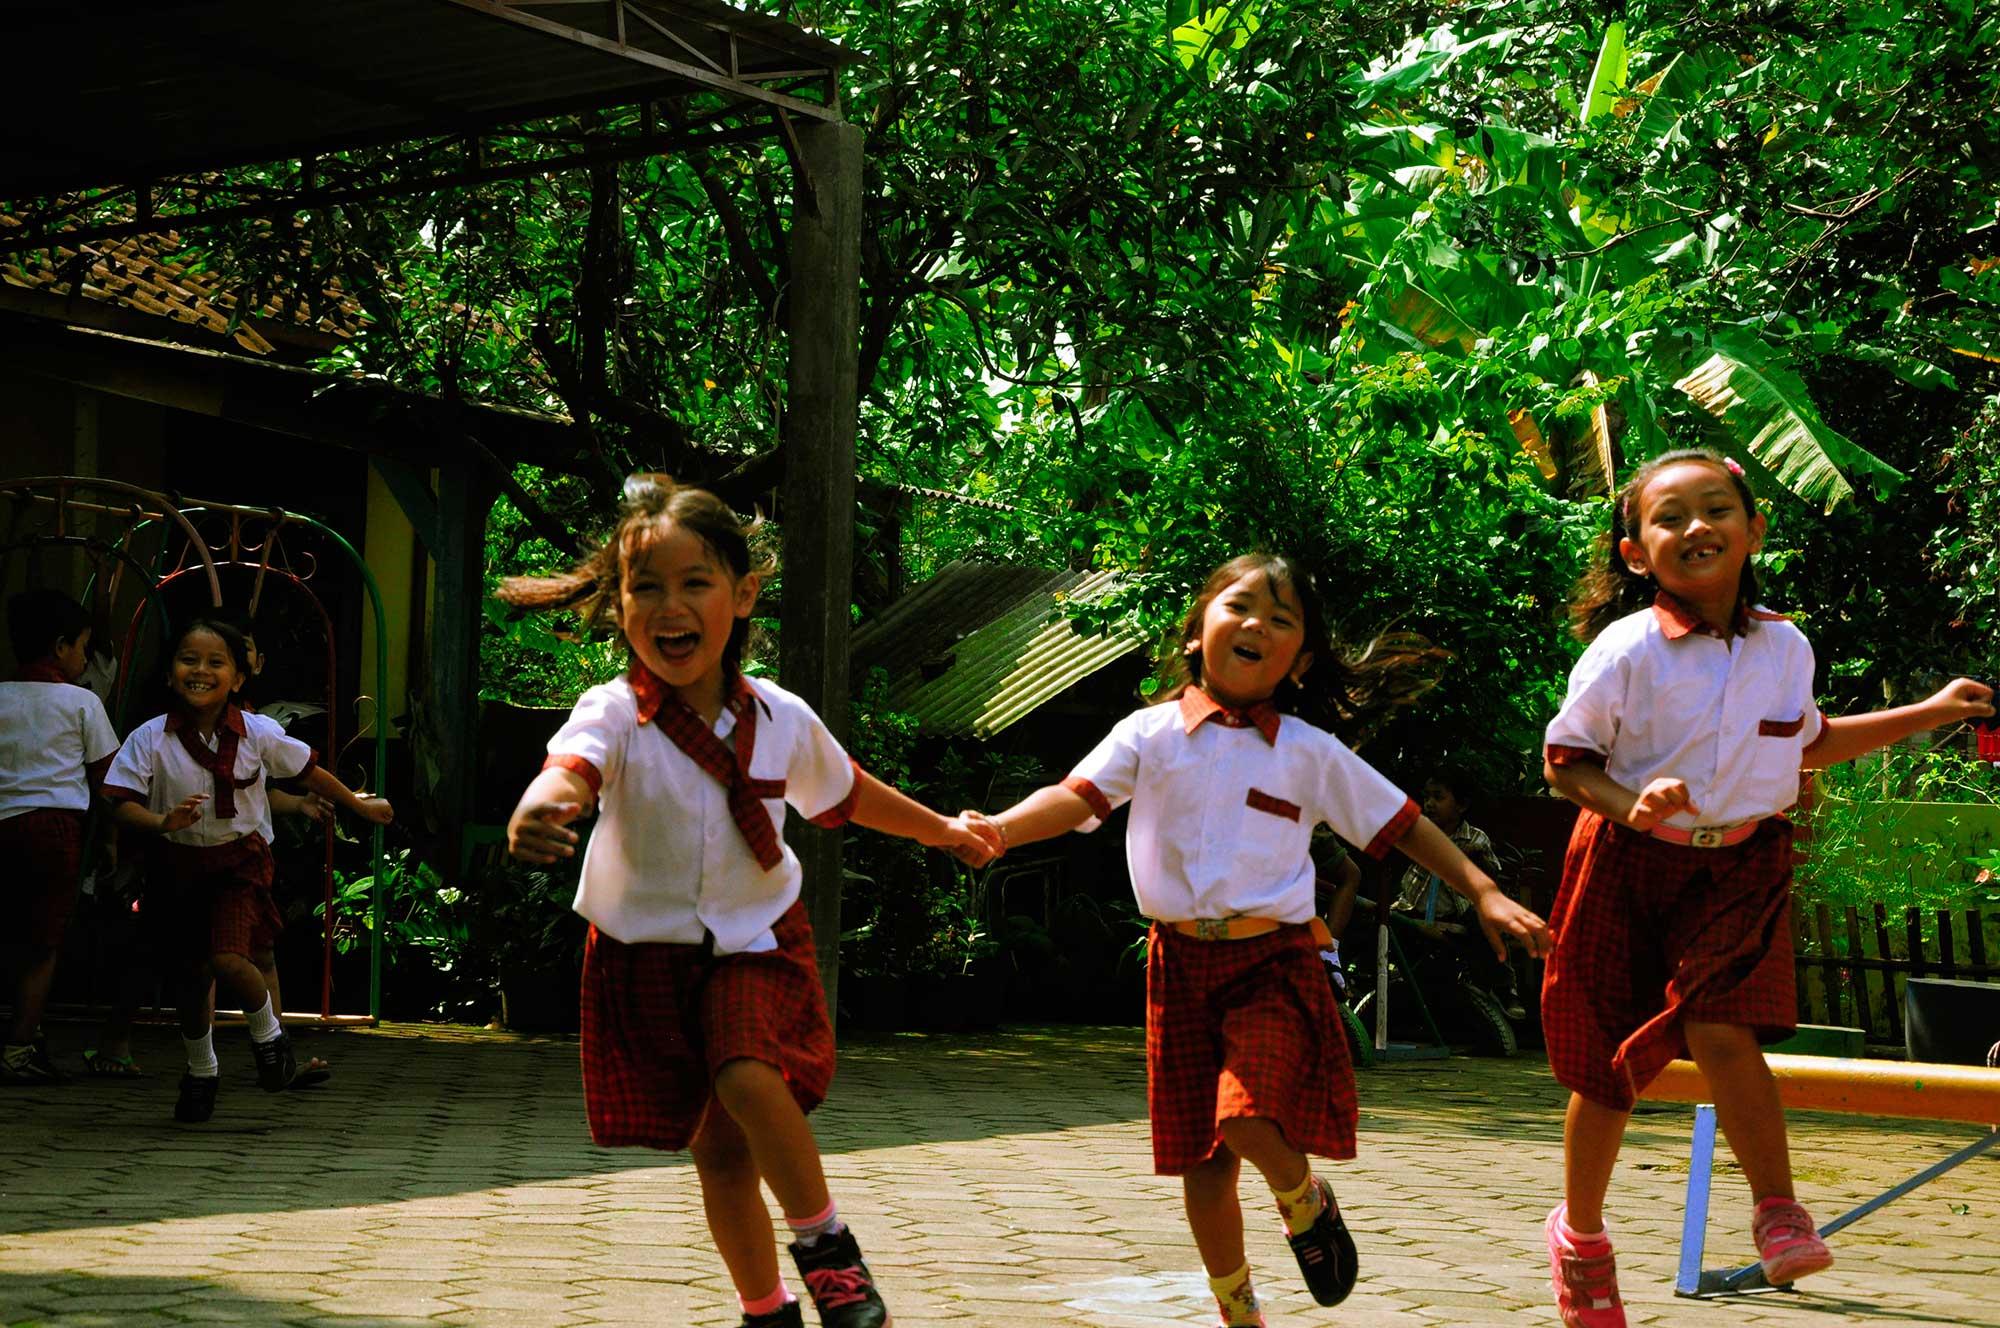 anak-anak sedang bermain di halaman TK